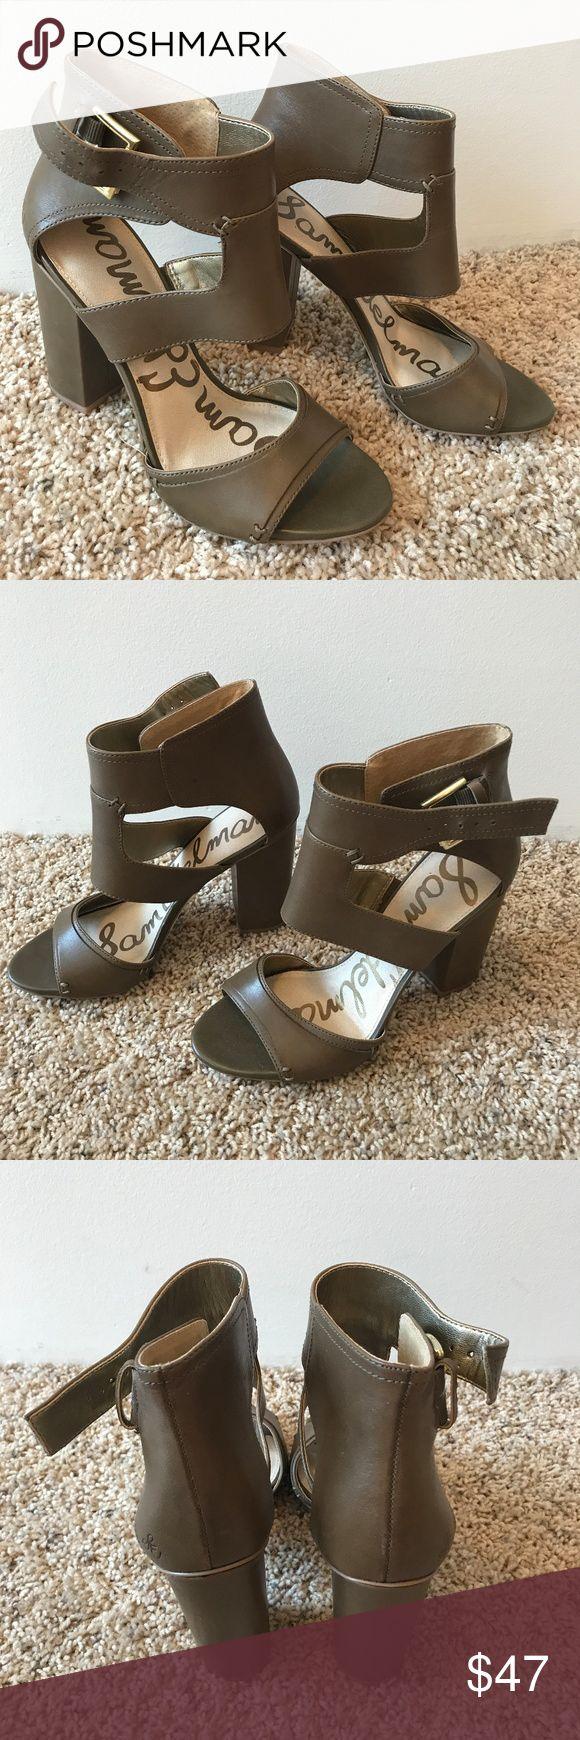 Sam Edleman Olive Green Heeled Sandals Size 7 Sam Edleman olive green sandals in a size 7 - worn just once! Sam Edelman Shoes Heels